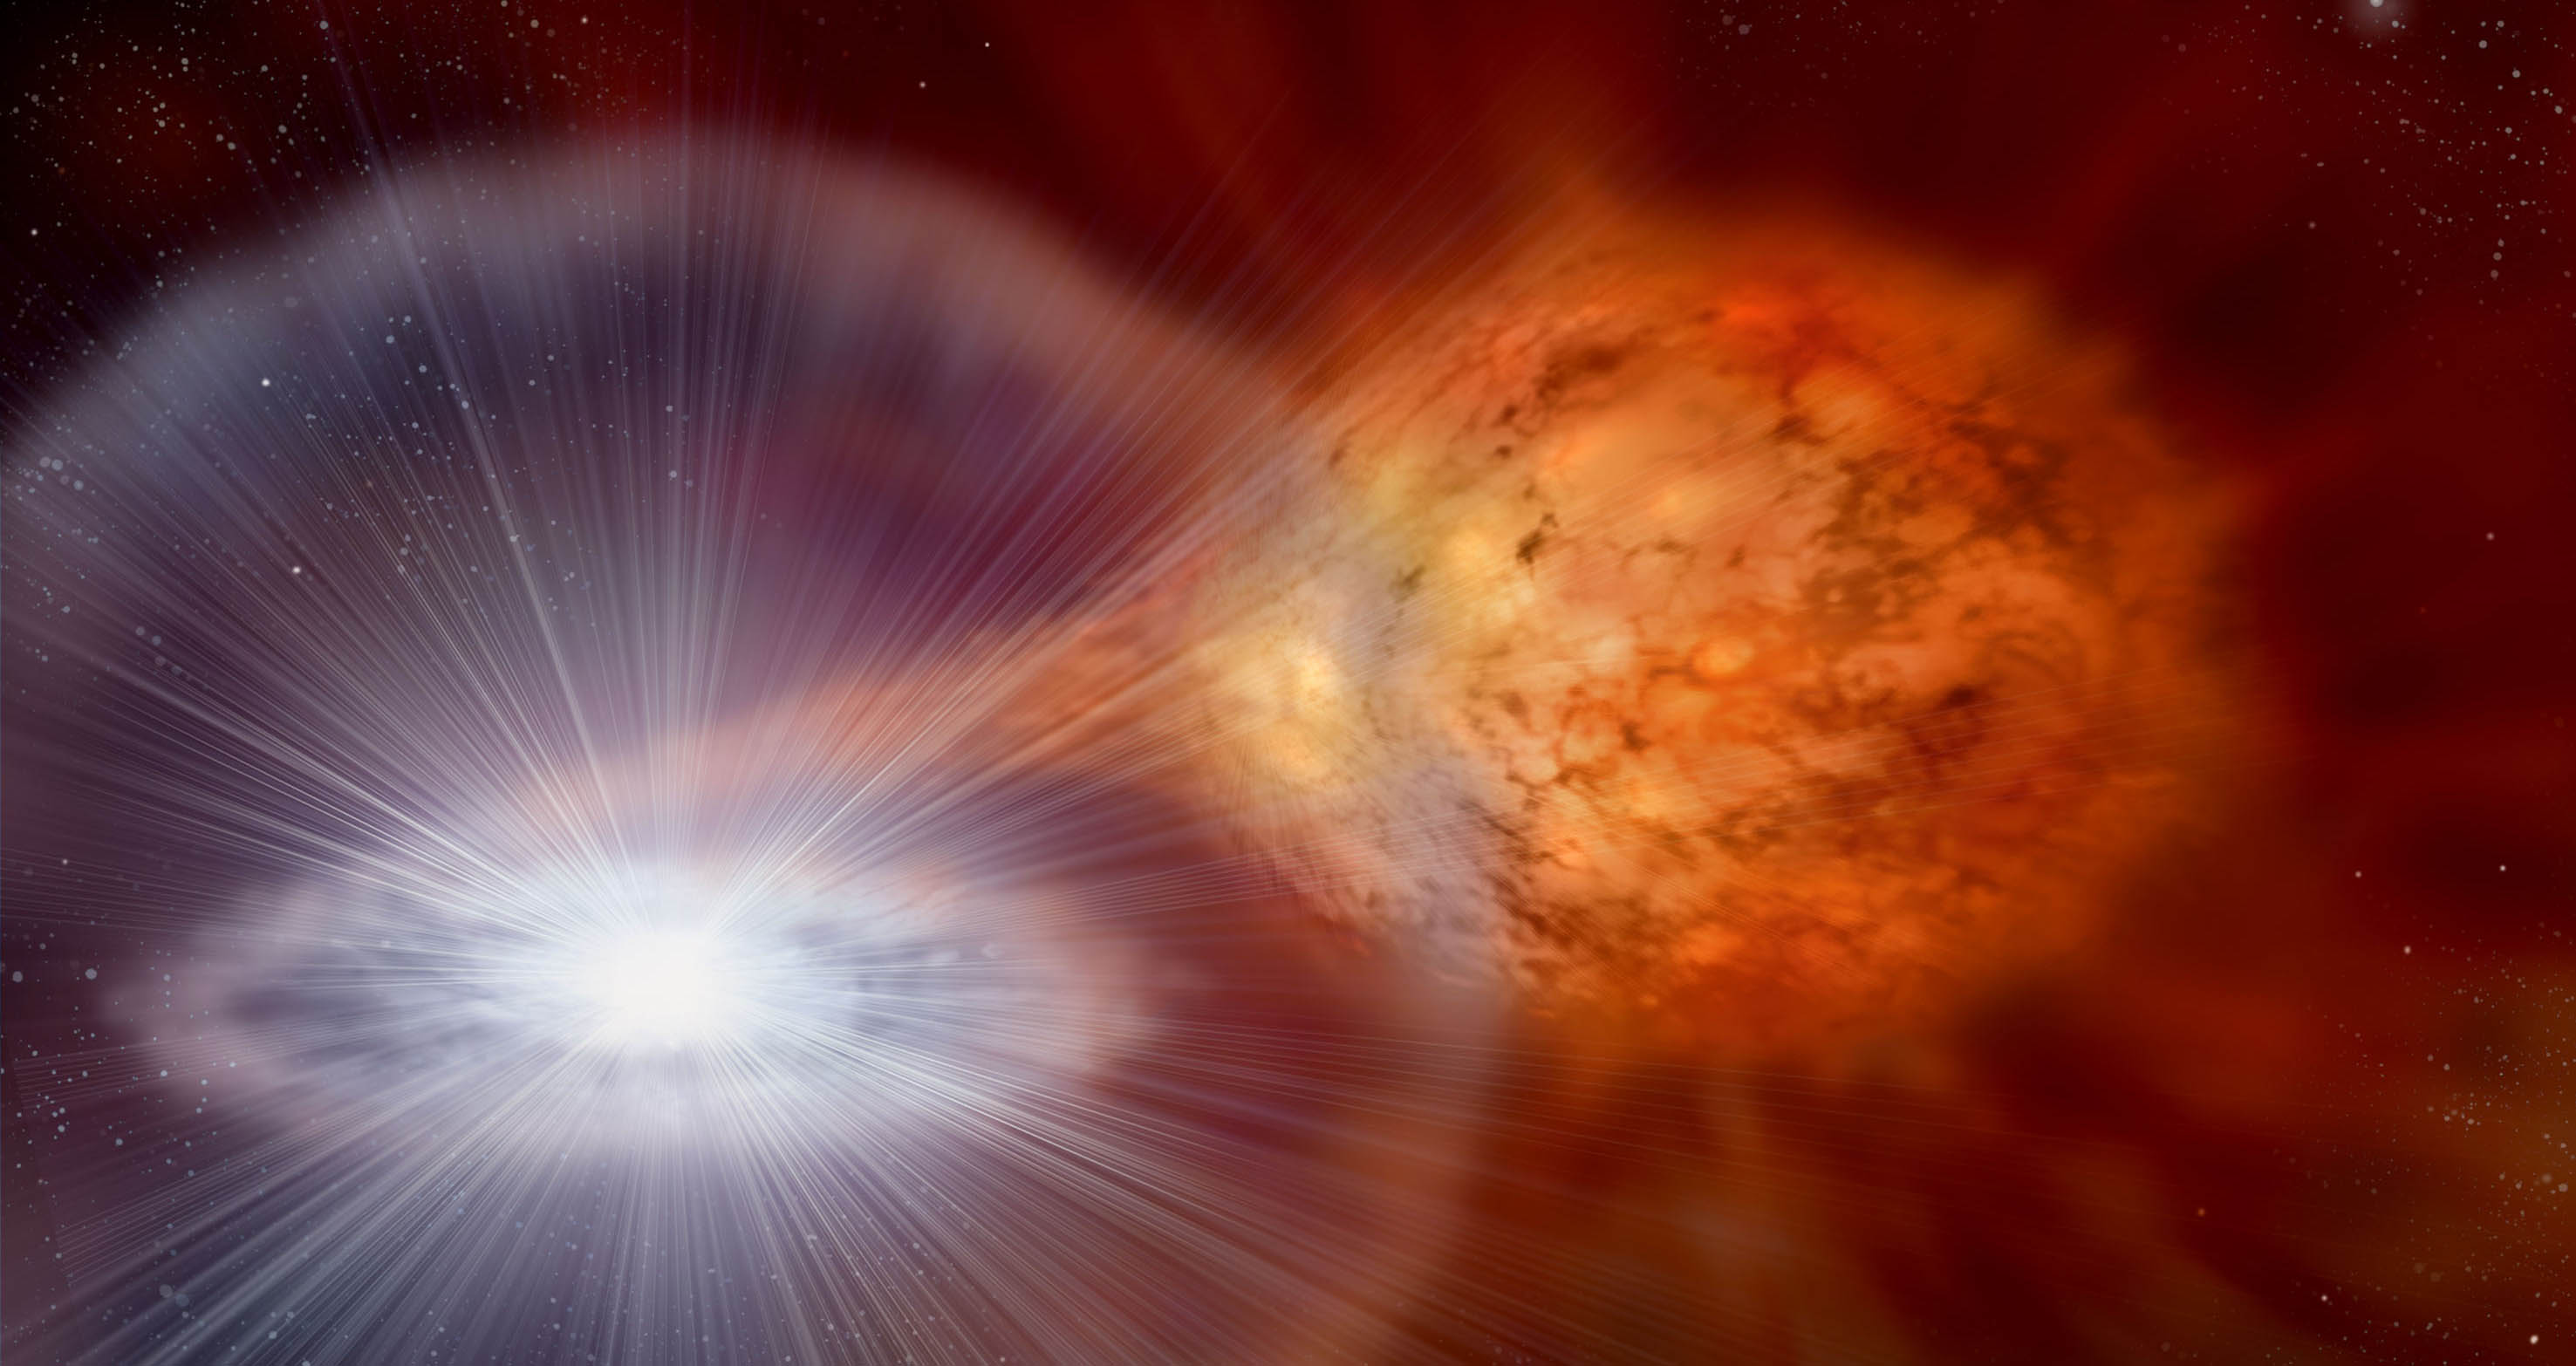 Confirmado que las novas son la principal fuente de litio en el universo